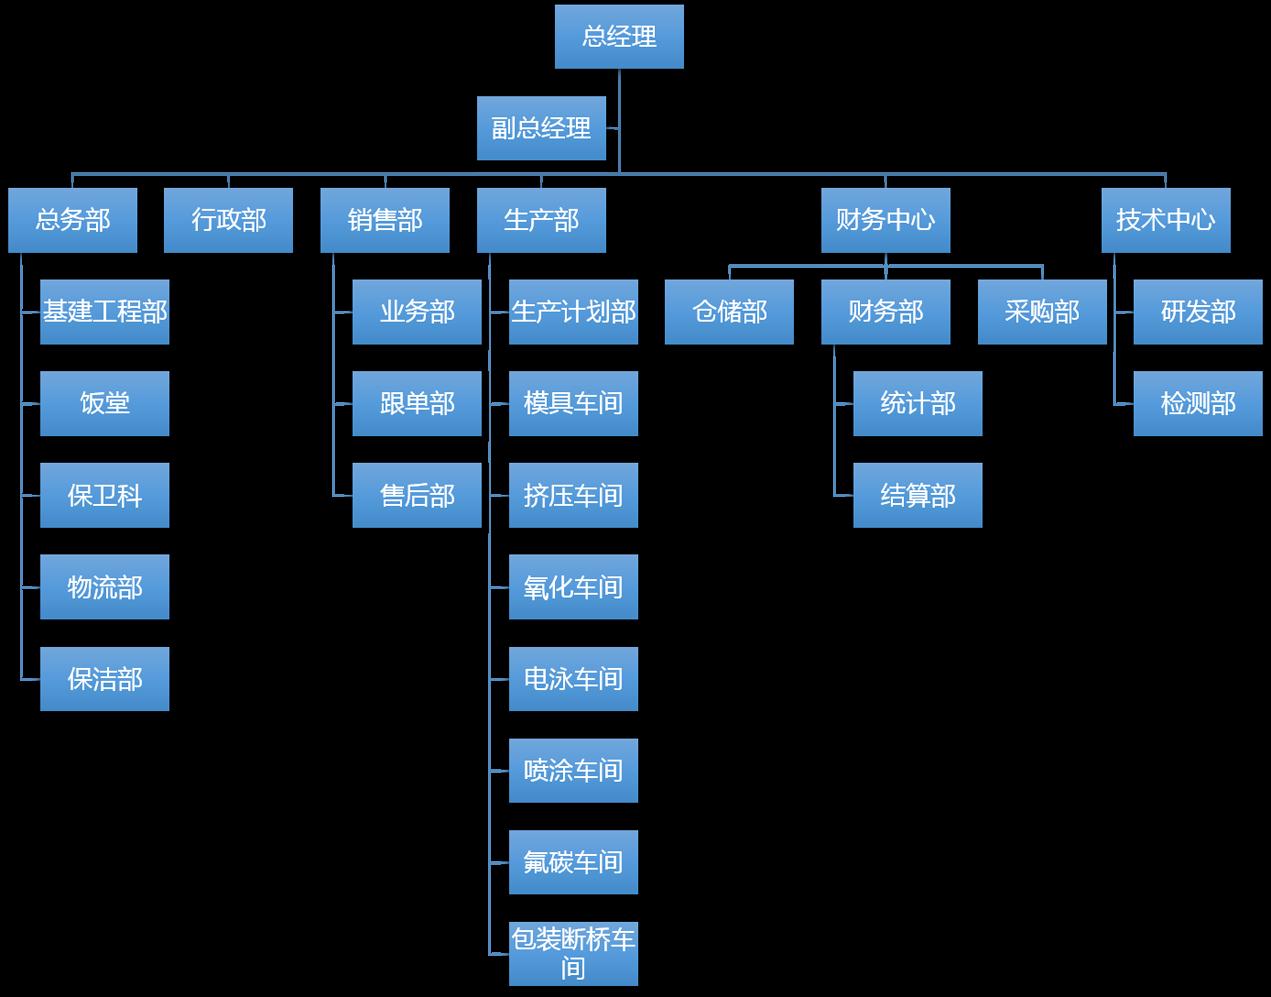 图层 4.png